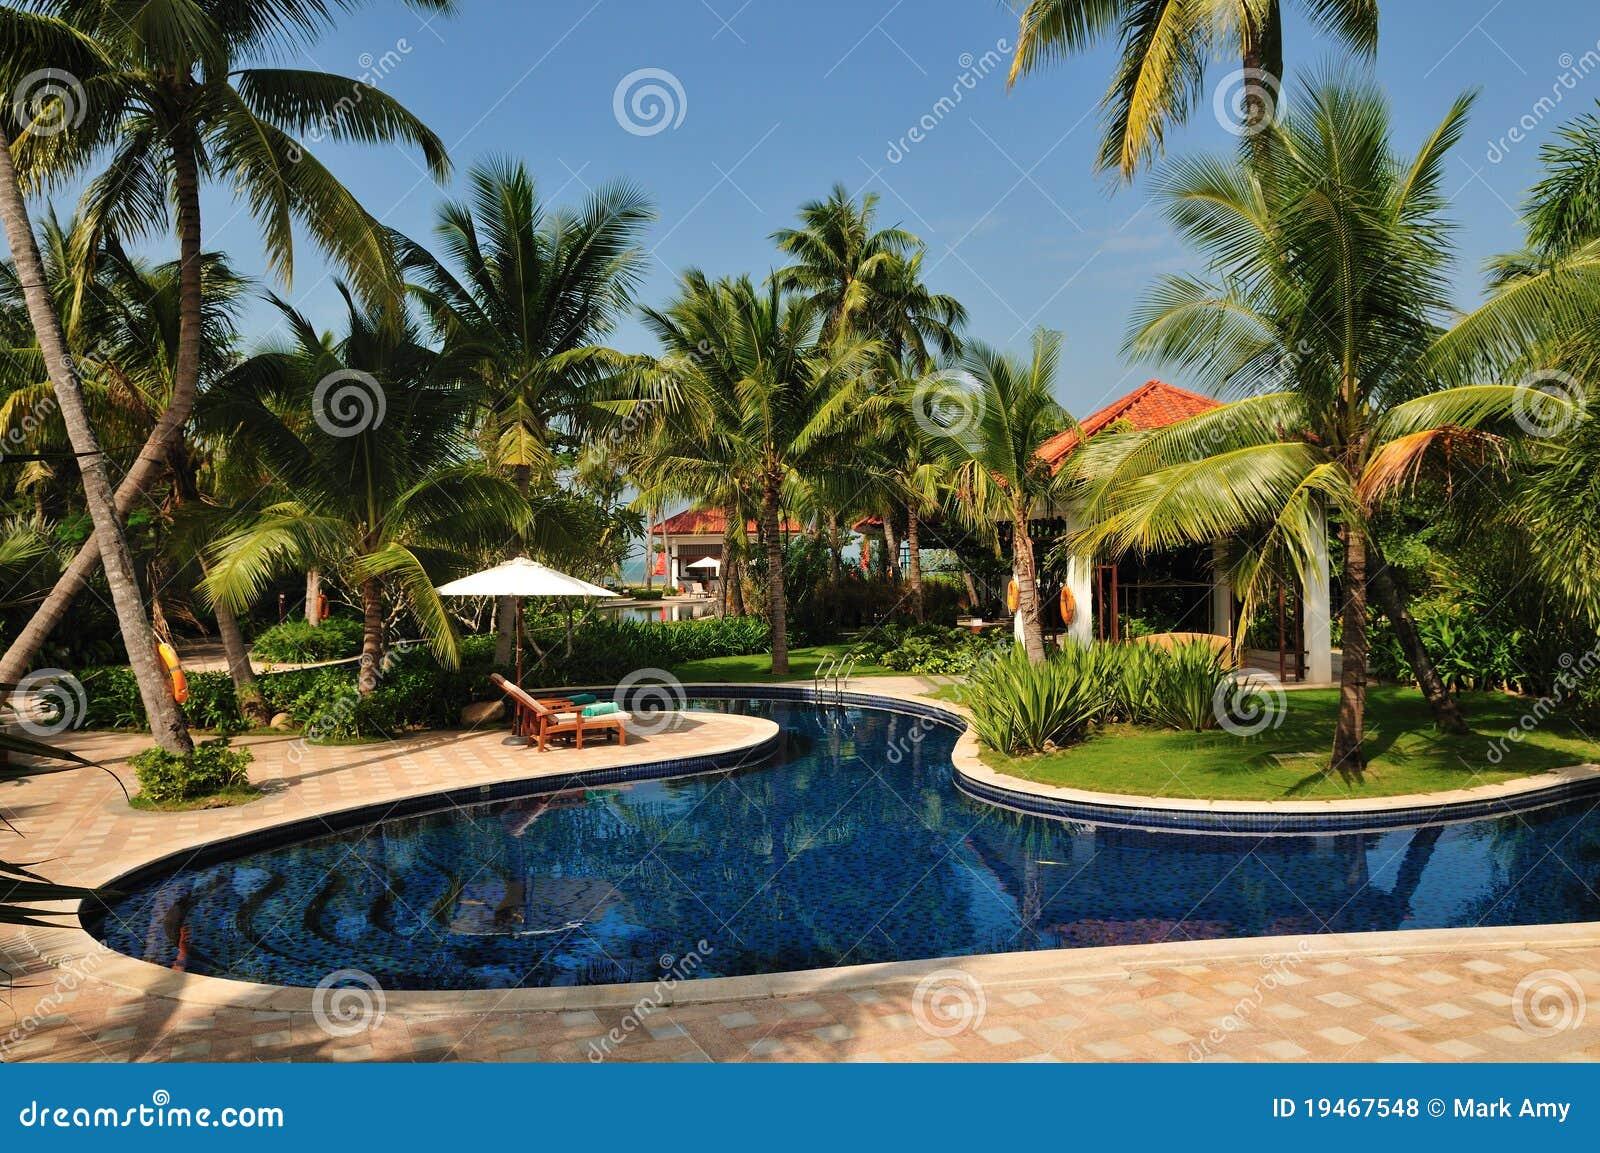 Tropical Island Paradise: Tropical Island Paradise Resort Stock Photo